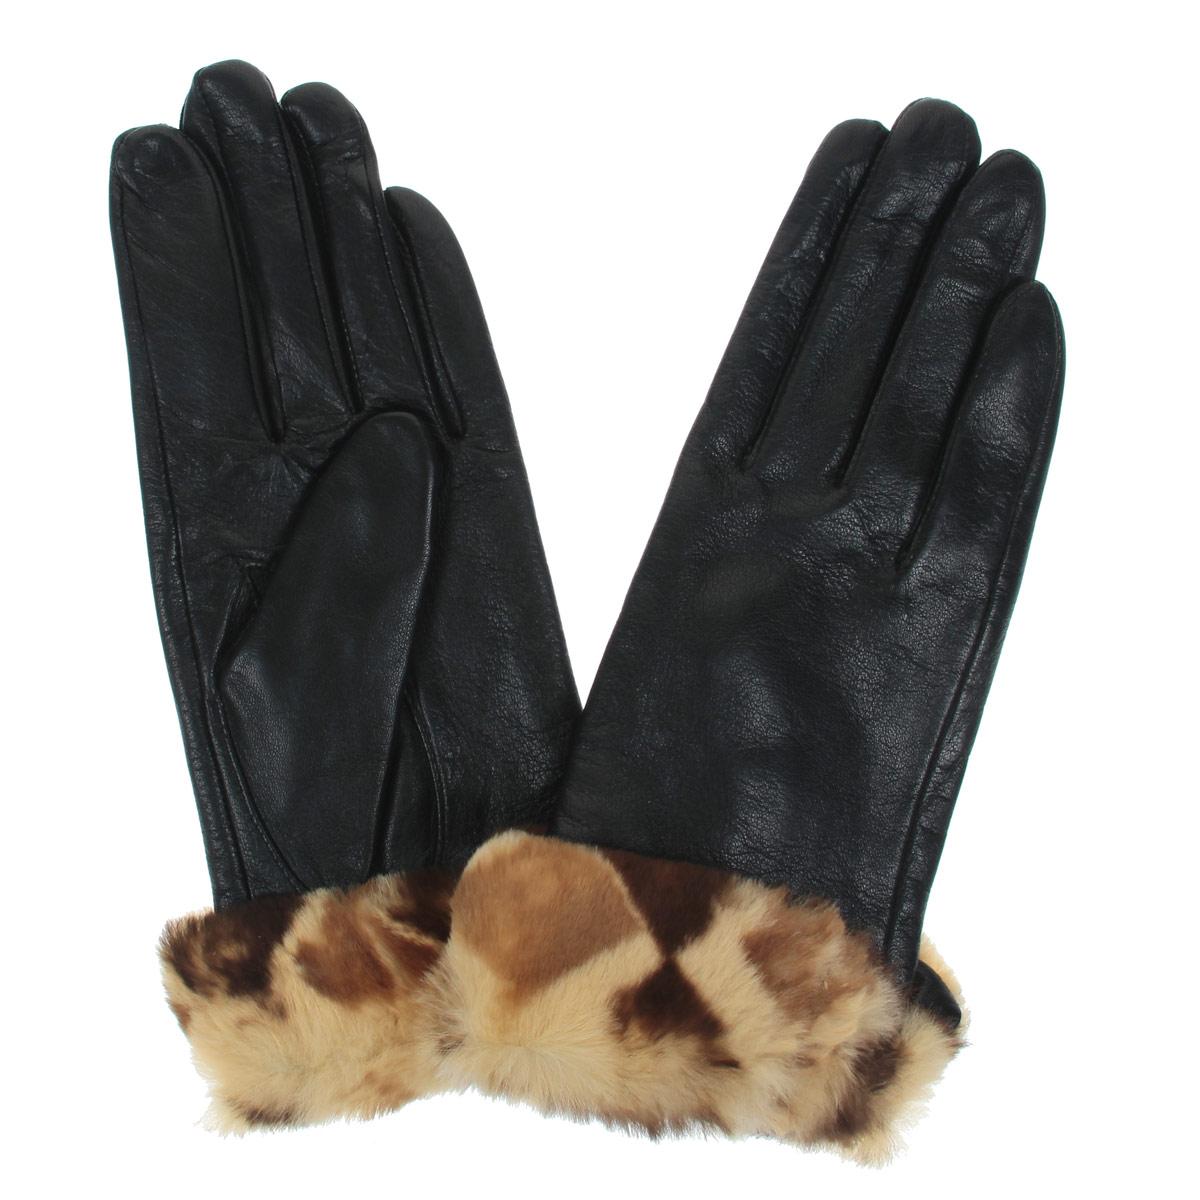 L-20Стильные женские перчатки Falner заинтригуют любого мужчину и заставят завидовать любую женщину. Они не только защитят ваши руки от холода, но и станут великолепным украшением. Модель изготовлена из мягкой натуральной кожи с флисовой подкладкой. Изделие оформлено отворотом, декорированным мехом кролика. На внешнем боку имеется небольшой разрез. Перчатки являются неотъемлемой принадлежностью одежды, вместе с этим аксессуаром вы обретаете женственность и элегантность. Они станут завершающим и подчеркивающим элементом вашего неповторимого стиля и индивидуальности.